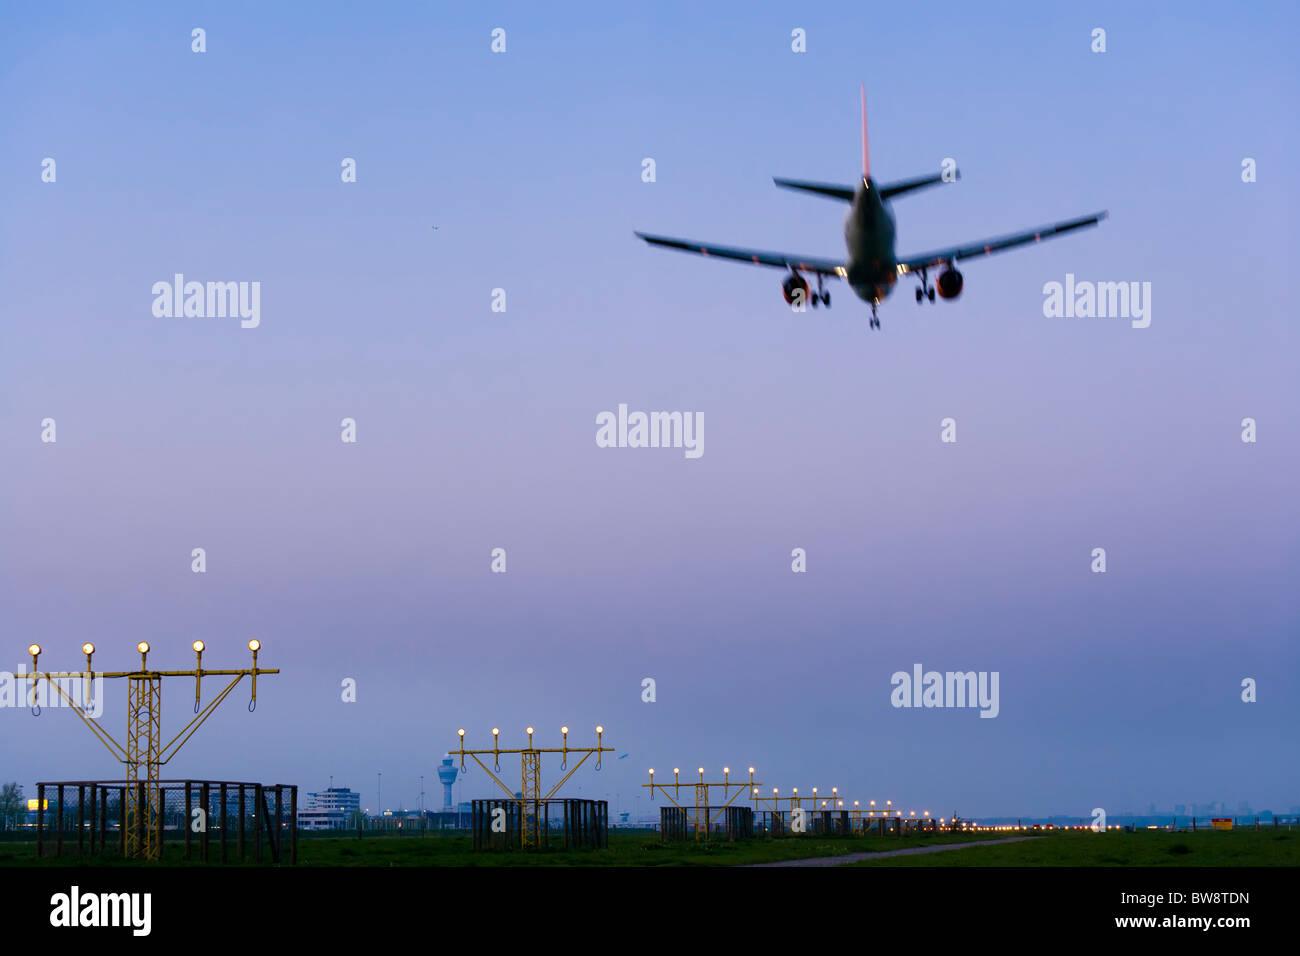 L'aéroport d'Amsterdam Schiphol au crépuscule. Avion avion qui approche, l'atterrissage, sur Photo Stock